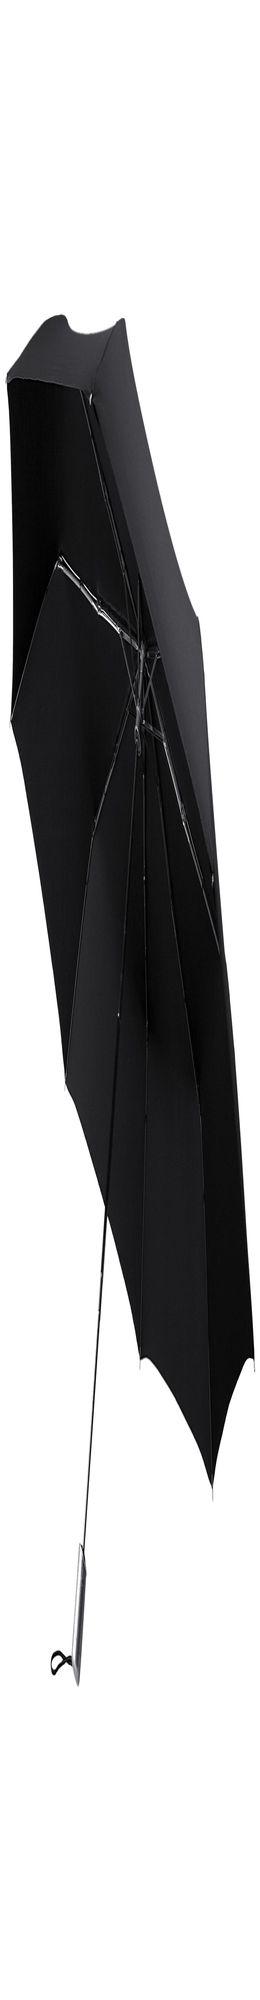 Складной зонт Alu Drop Golf, 3 сложения, автомат, черный фото